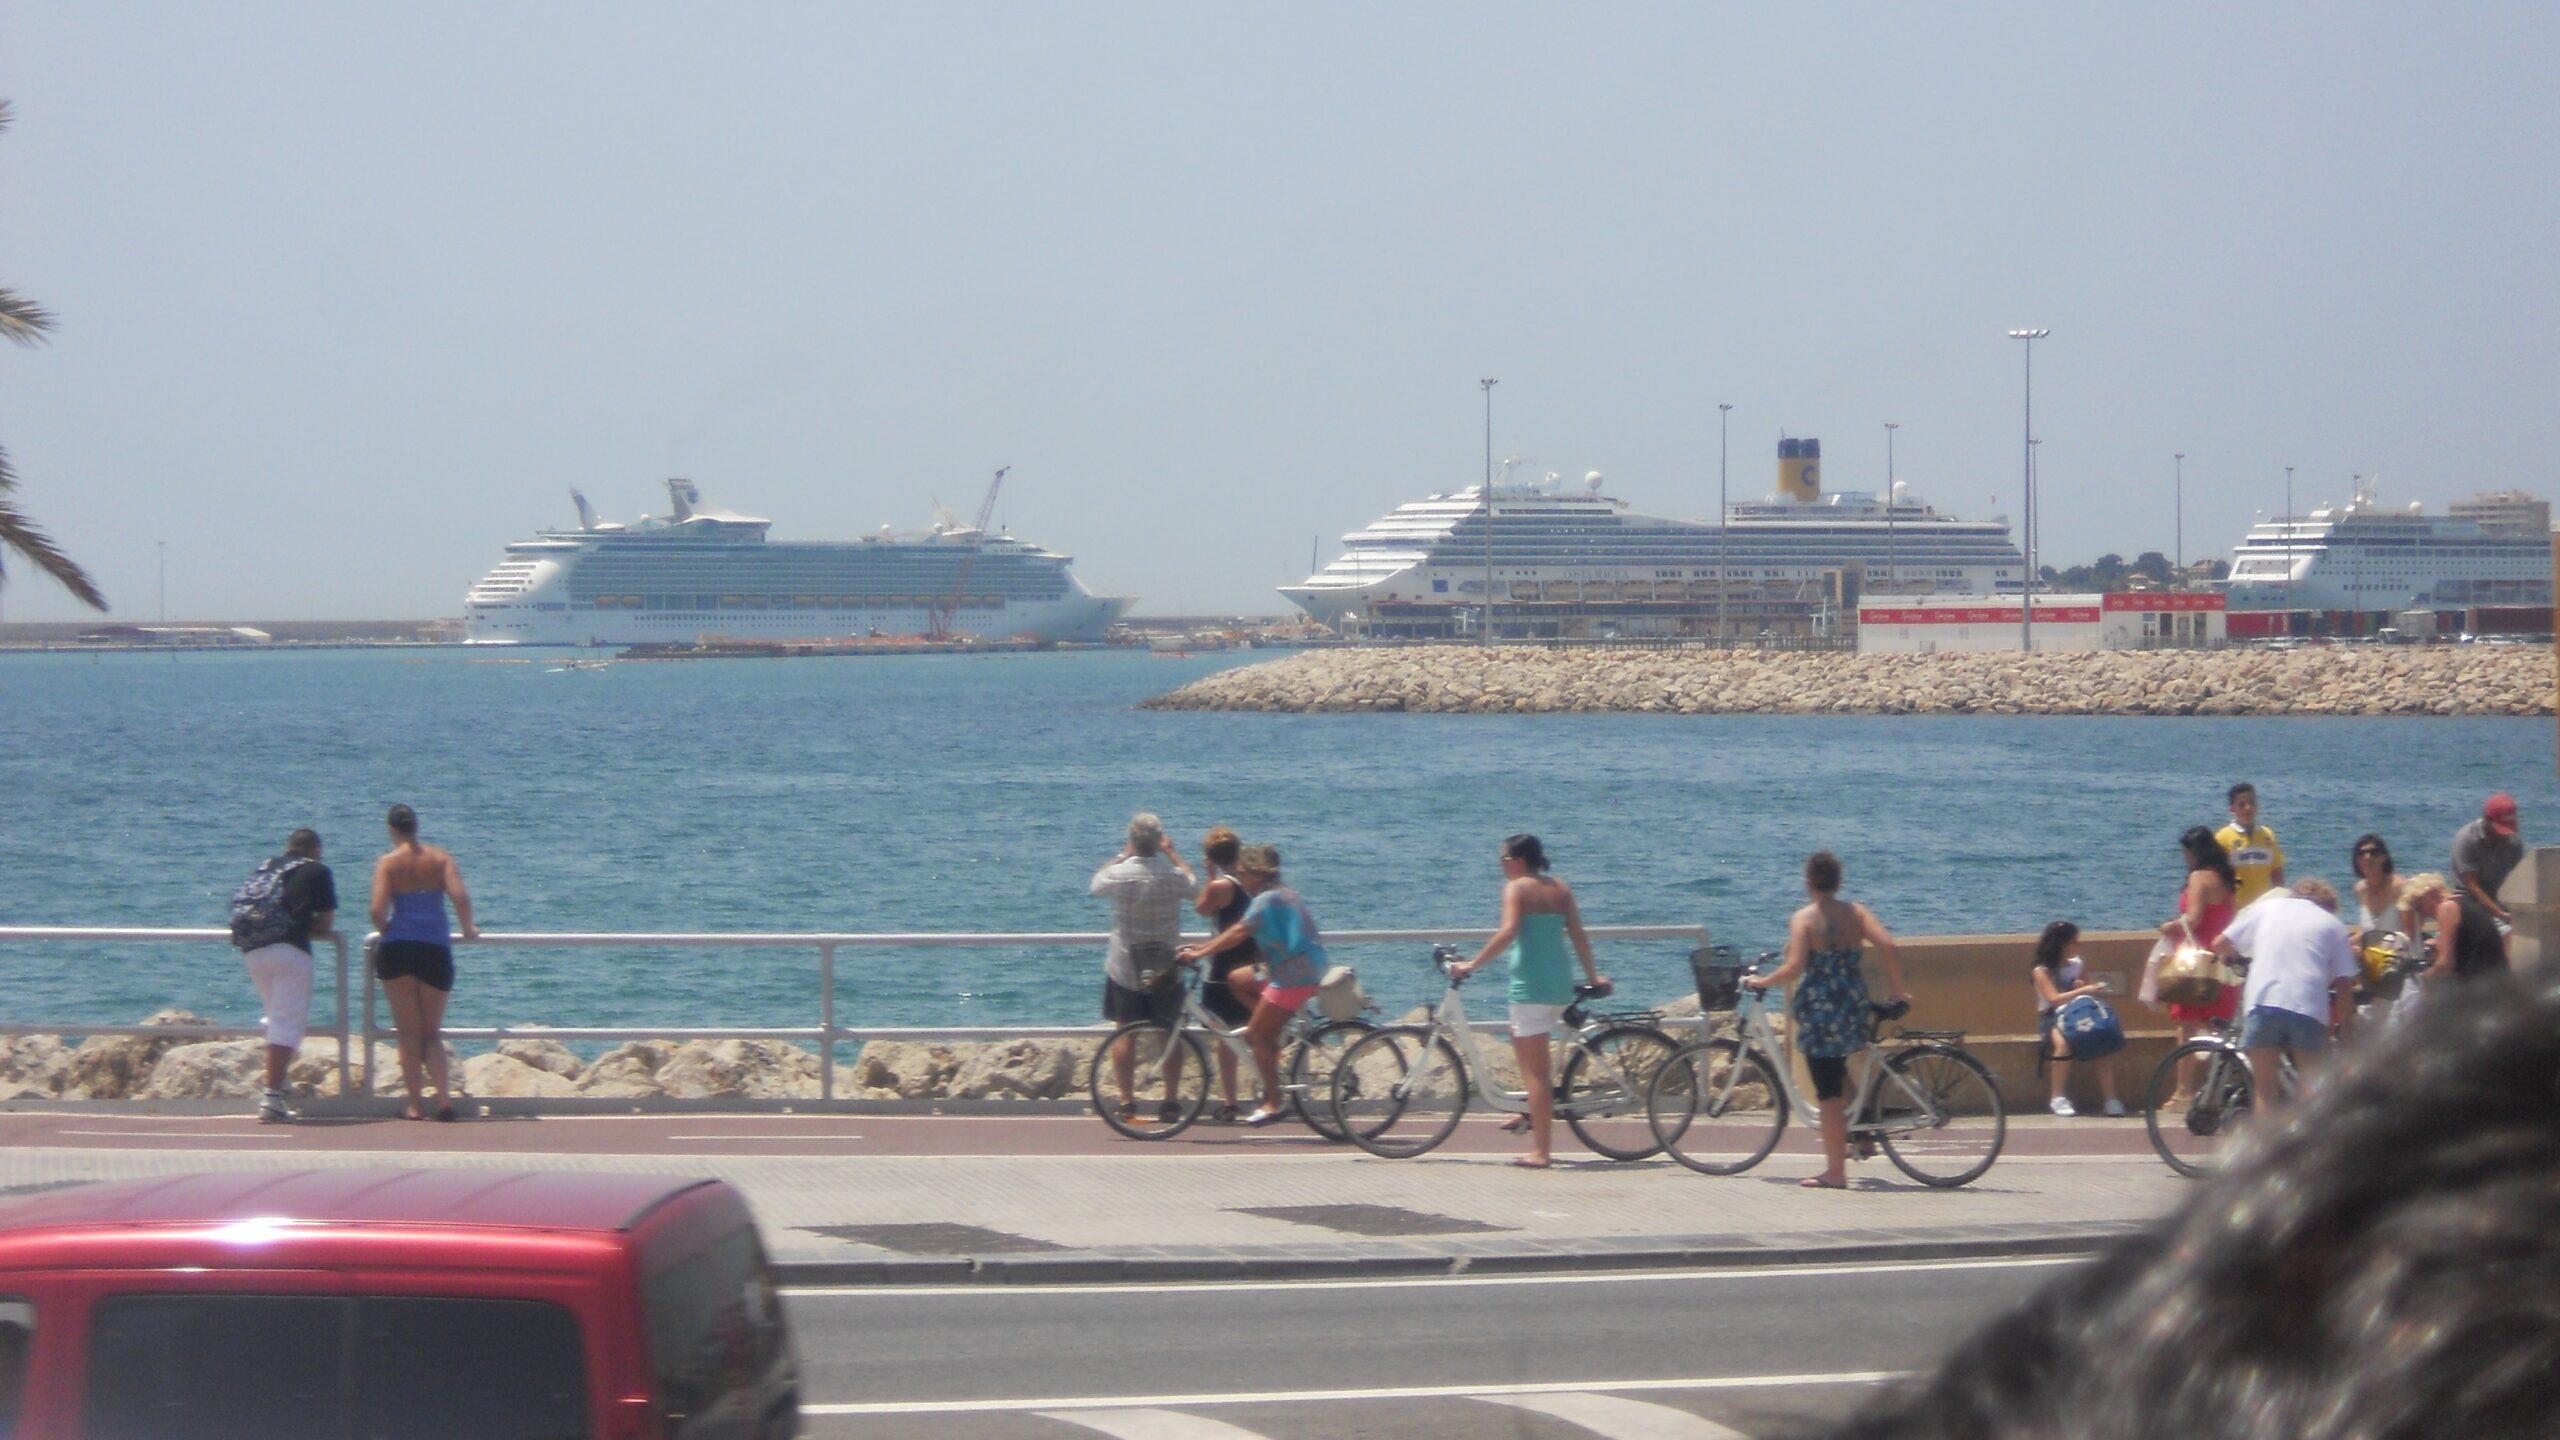 Palma di Maiorca - porto - crocierenelcuore.it